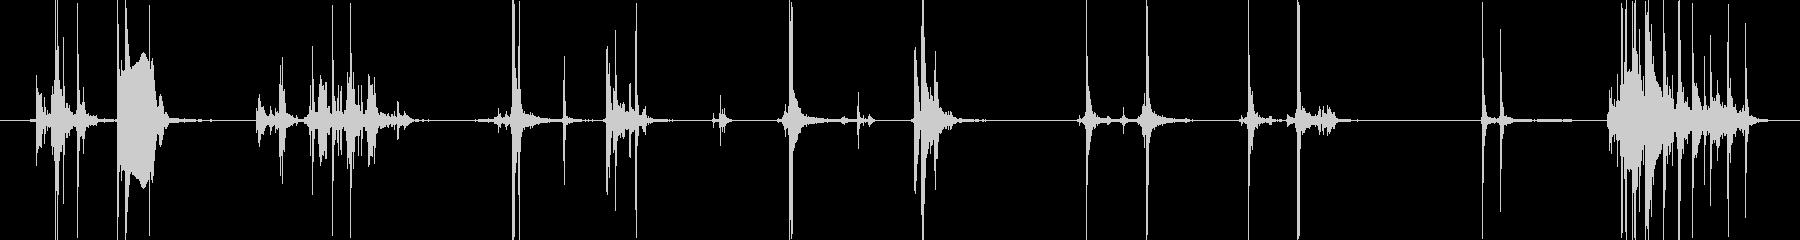 ピストルに弾を込める風な音の未再生の波形